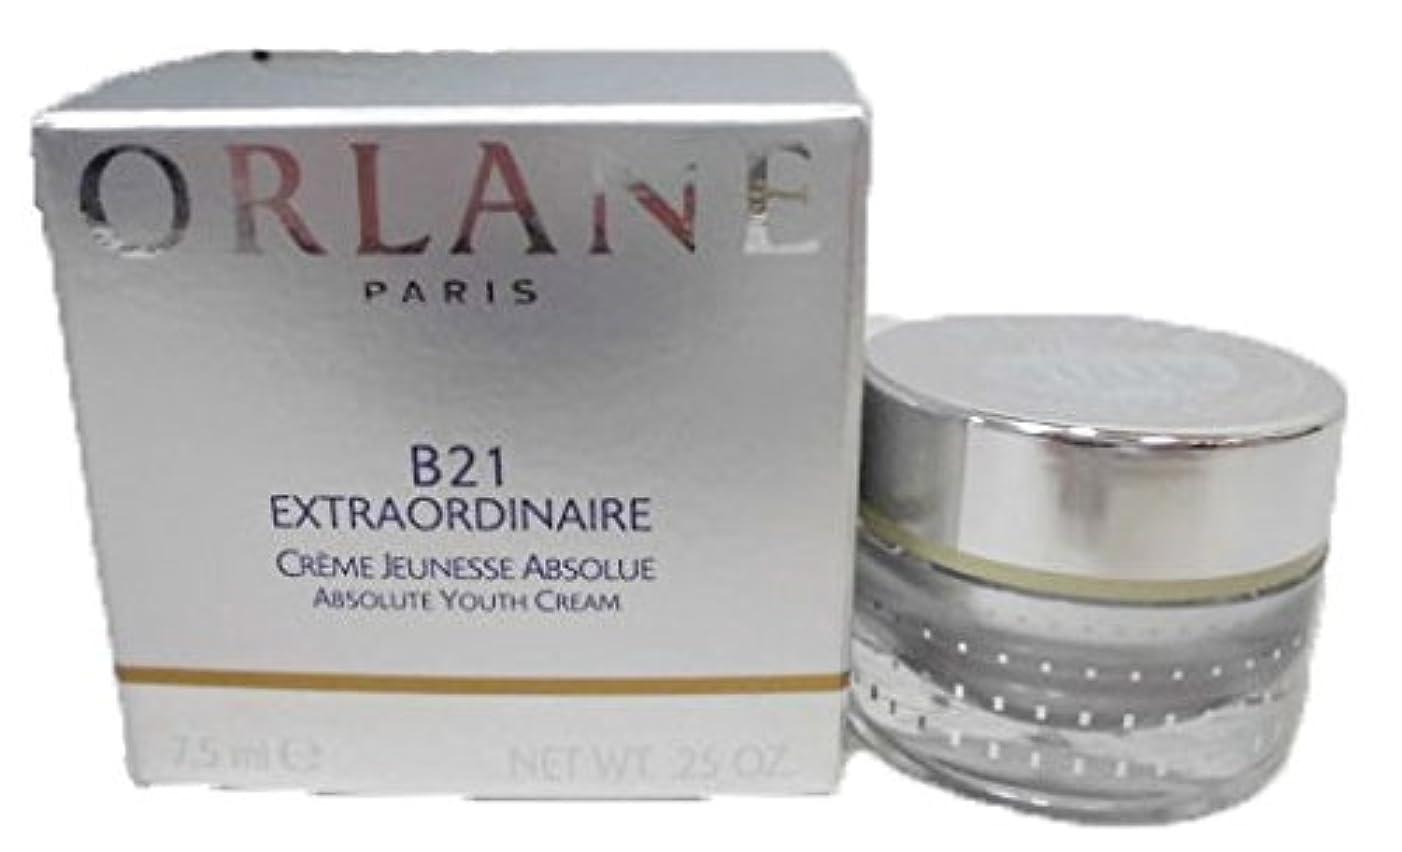 より多い万一に備えてプランターオルラーヌ ORLANE B21 エクストラオーディネール クリーム 7.5mL ミニサイズ